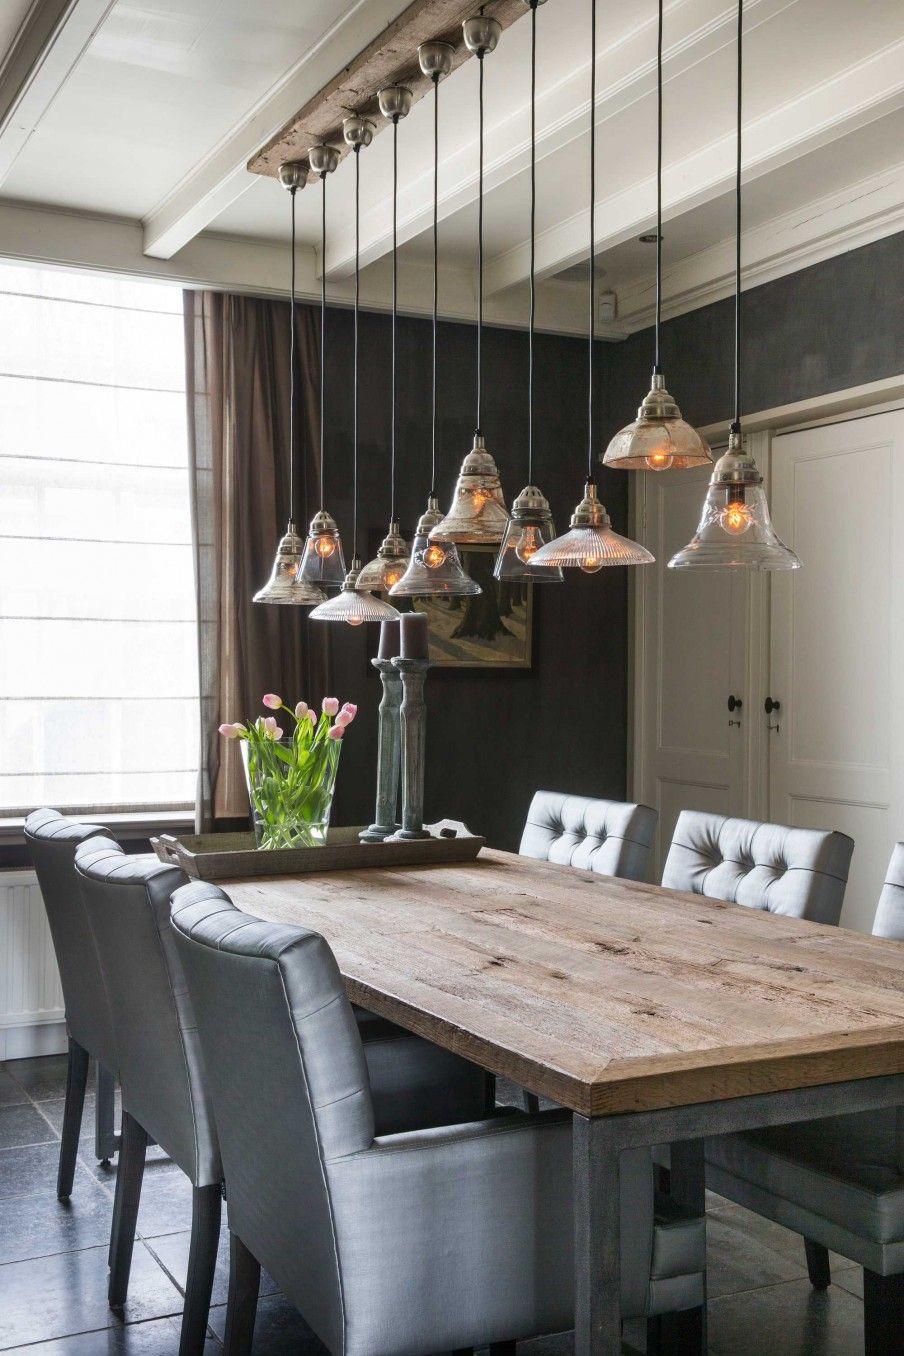 Eettafel lampen kamers pinterest eettafel lampen en for Lampen eettafel design